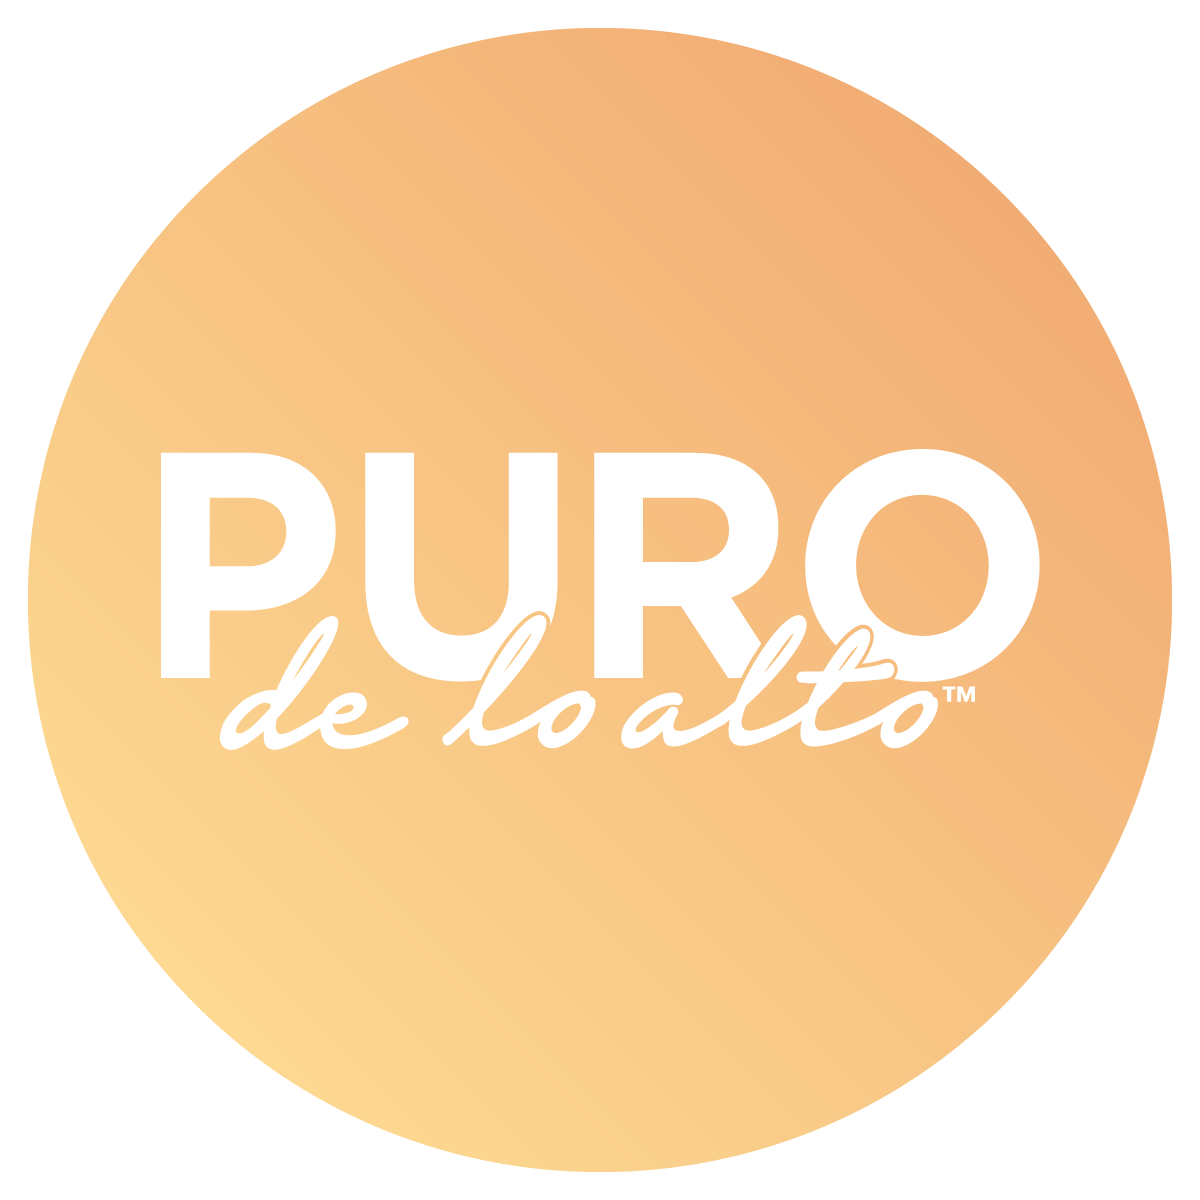 PURO_GRADIENT_LOGO_1[16]